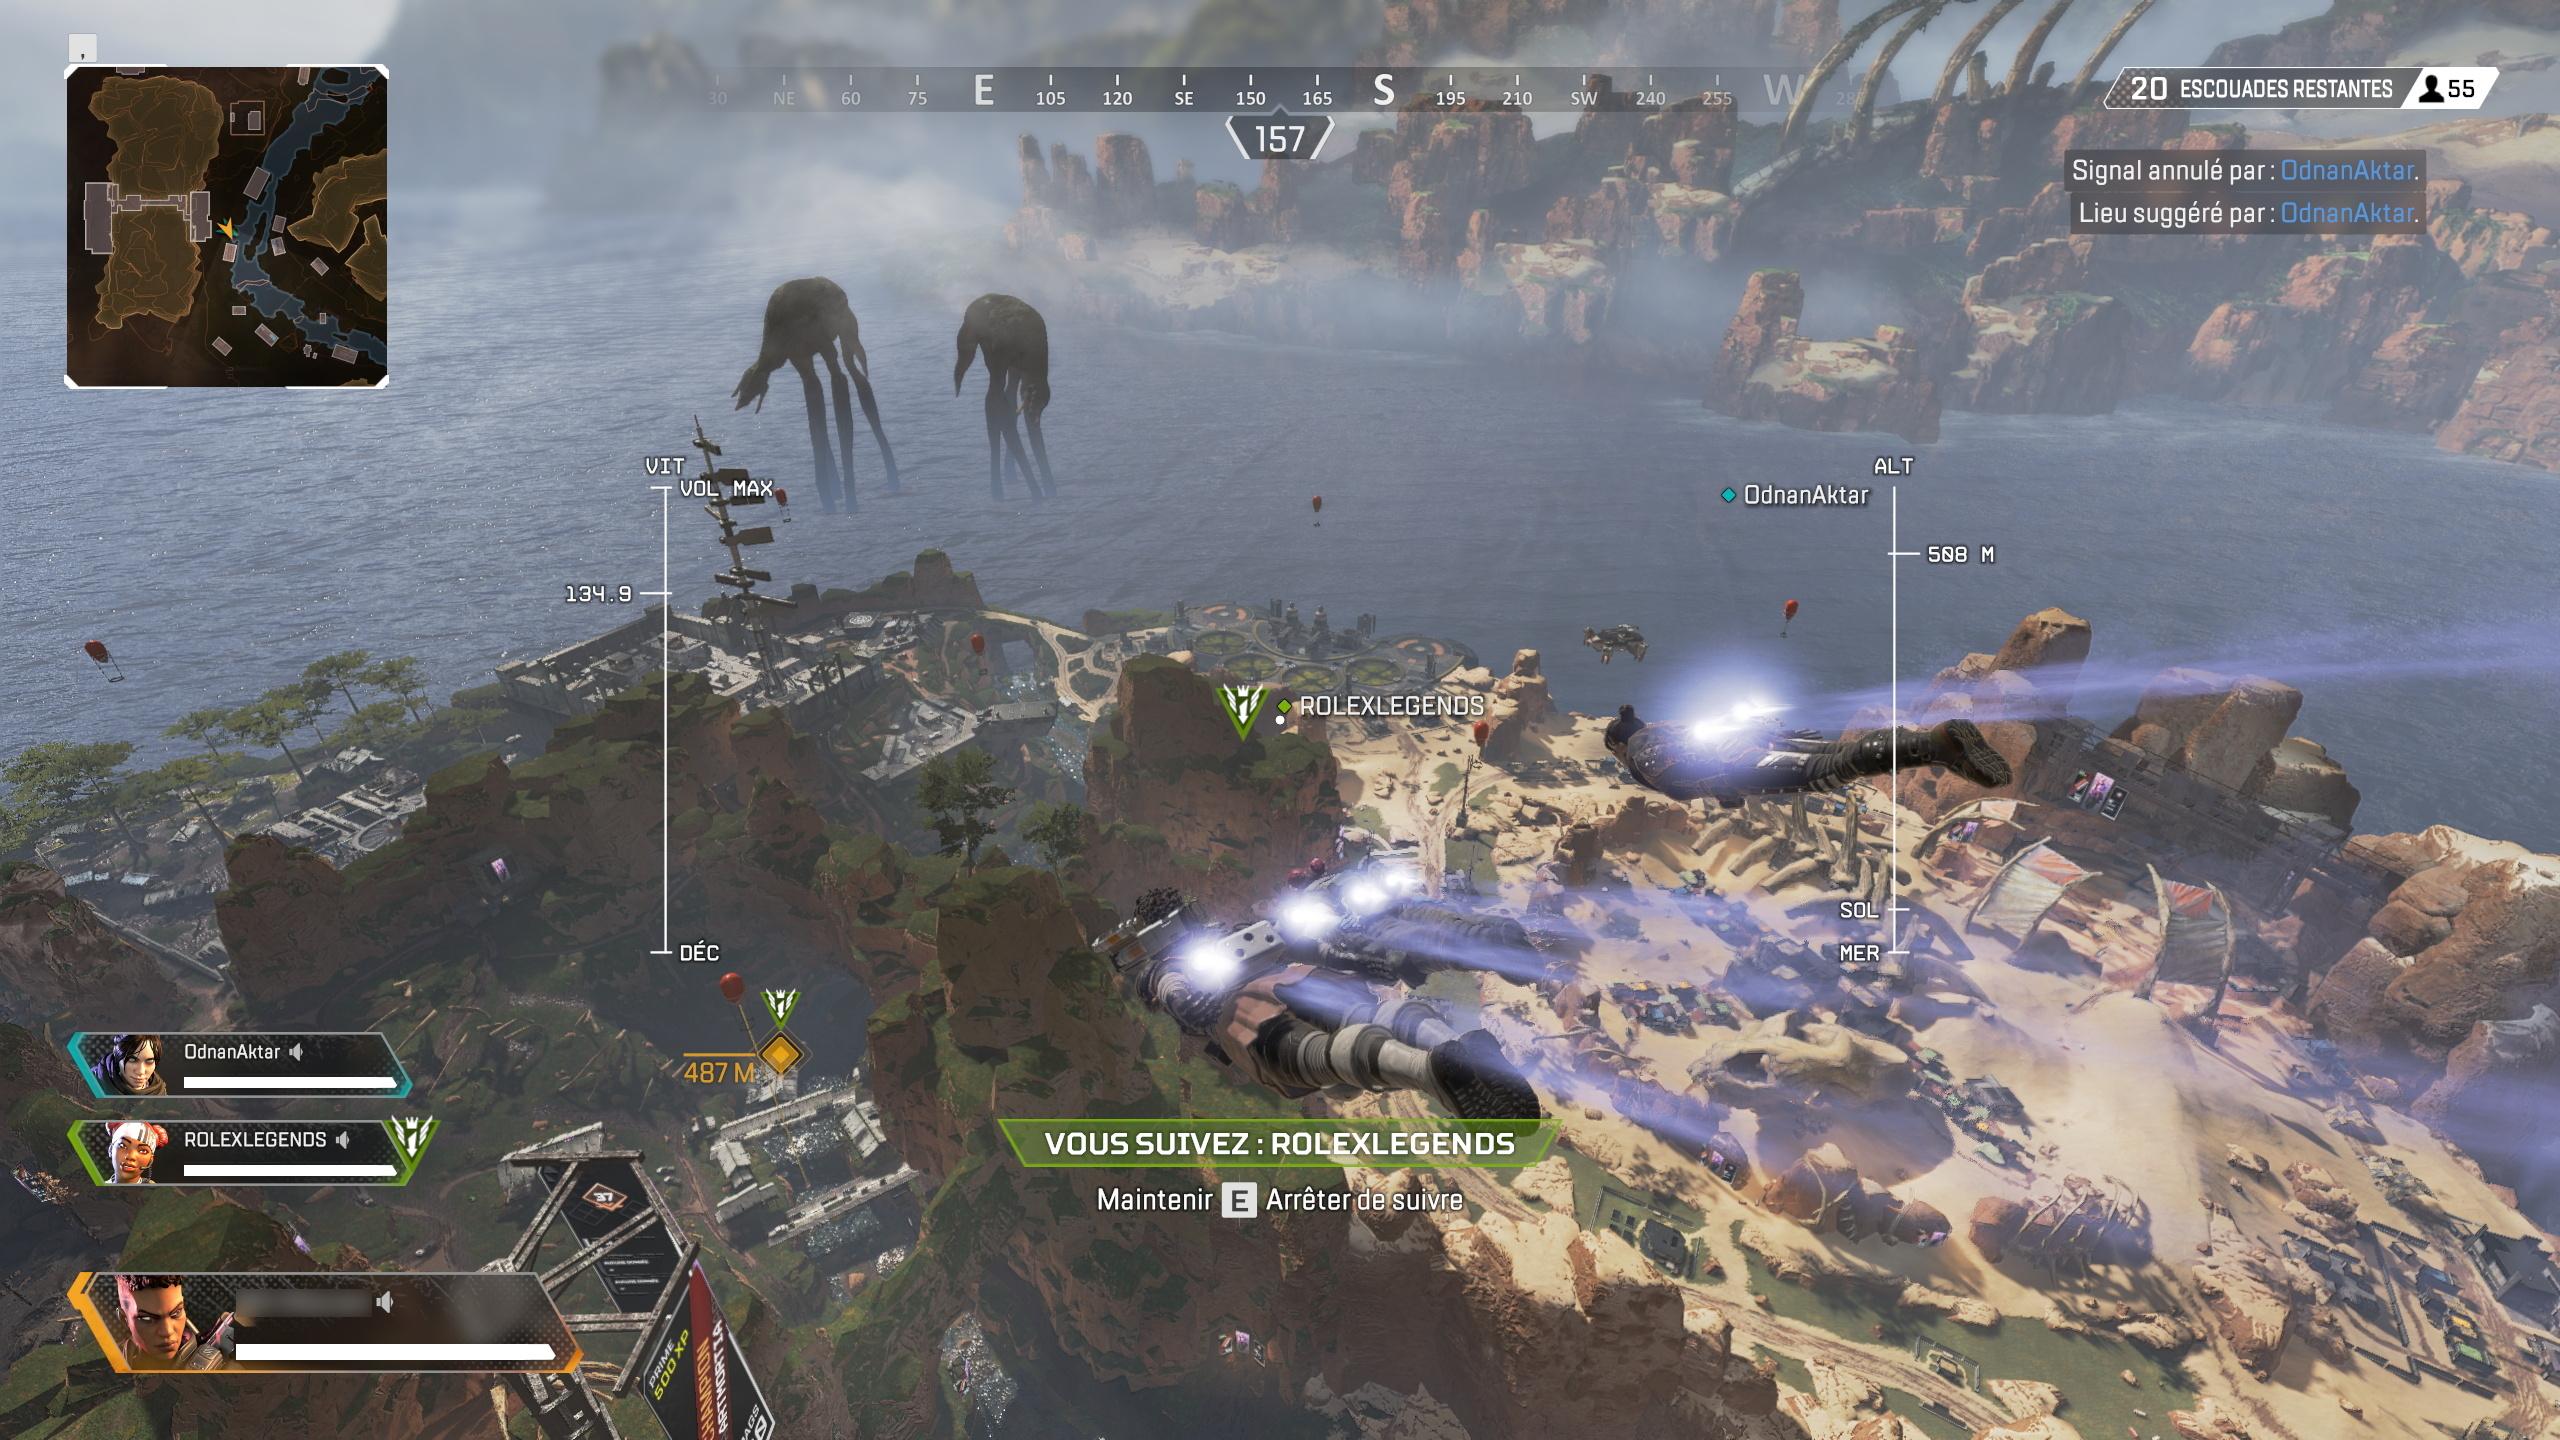 L'unique carte du jeu n'a rien de très original, si ce n'est une bonne utilisation de la verticalité par rapport aux autres jeux du même genre.